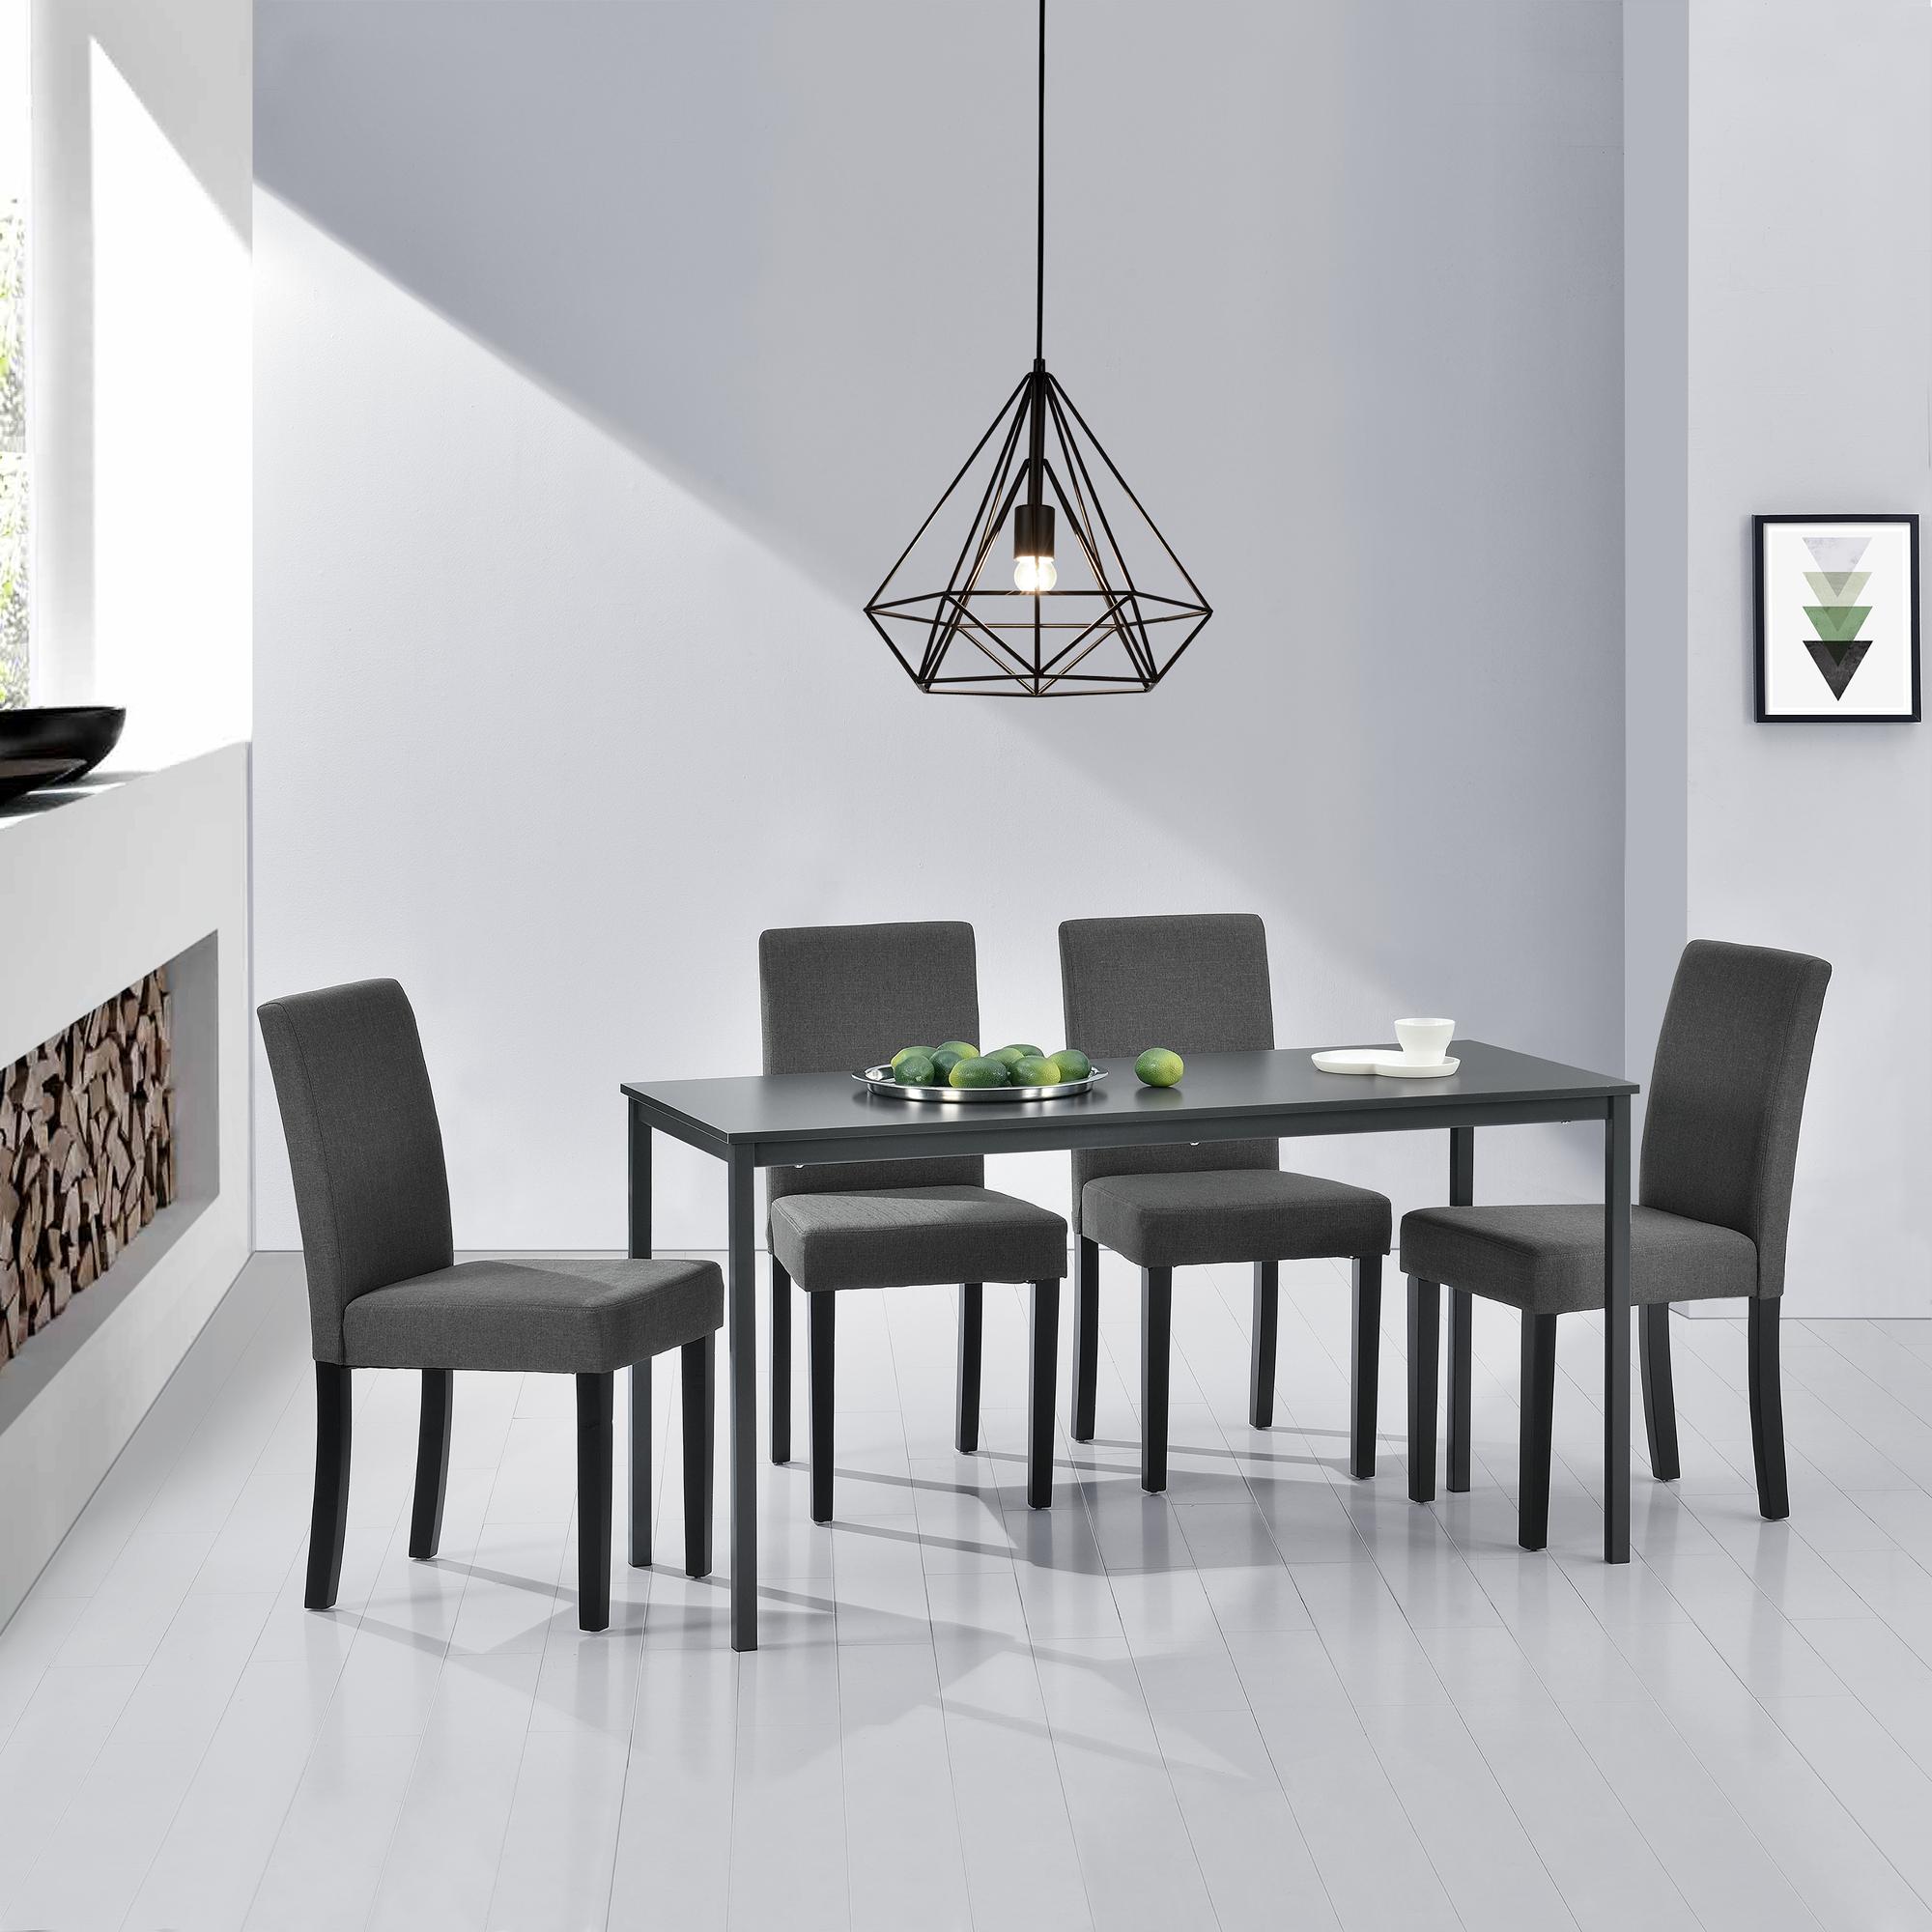 Tavolo Cucina 4 Sedie.En Casa Tavolo Da Pranzo 4 Sedie Grigie Scure 140x60cm Tavolo